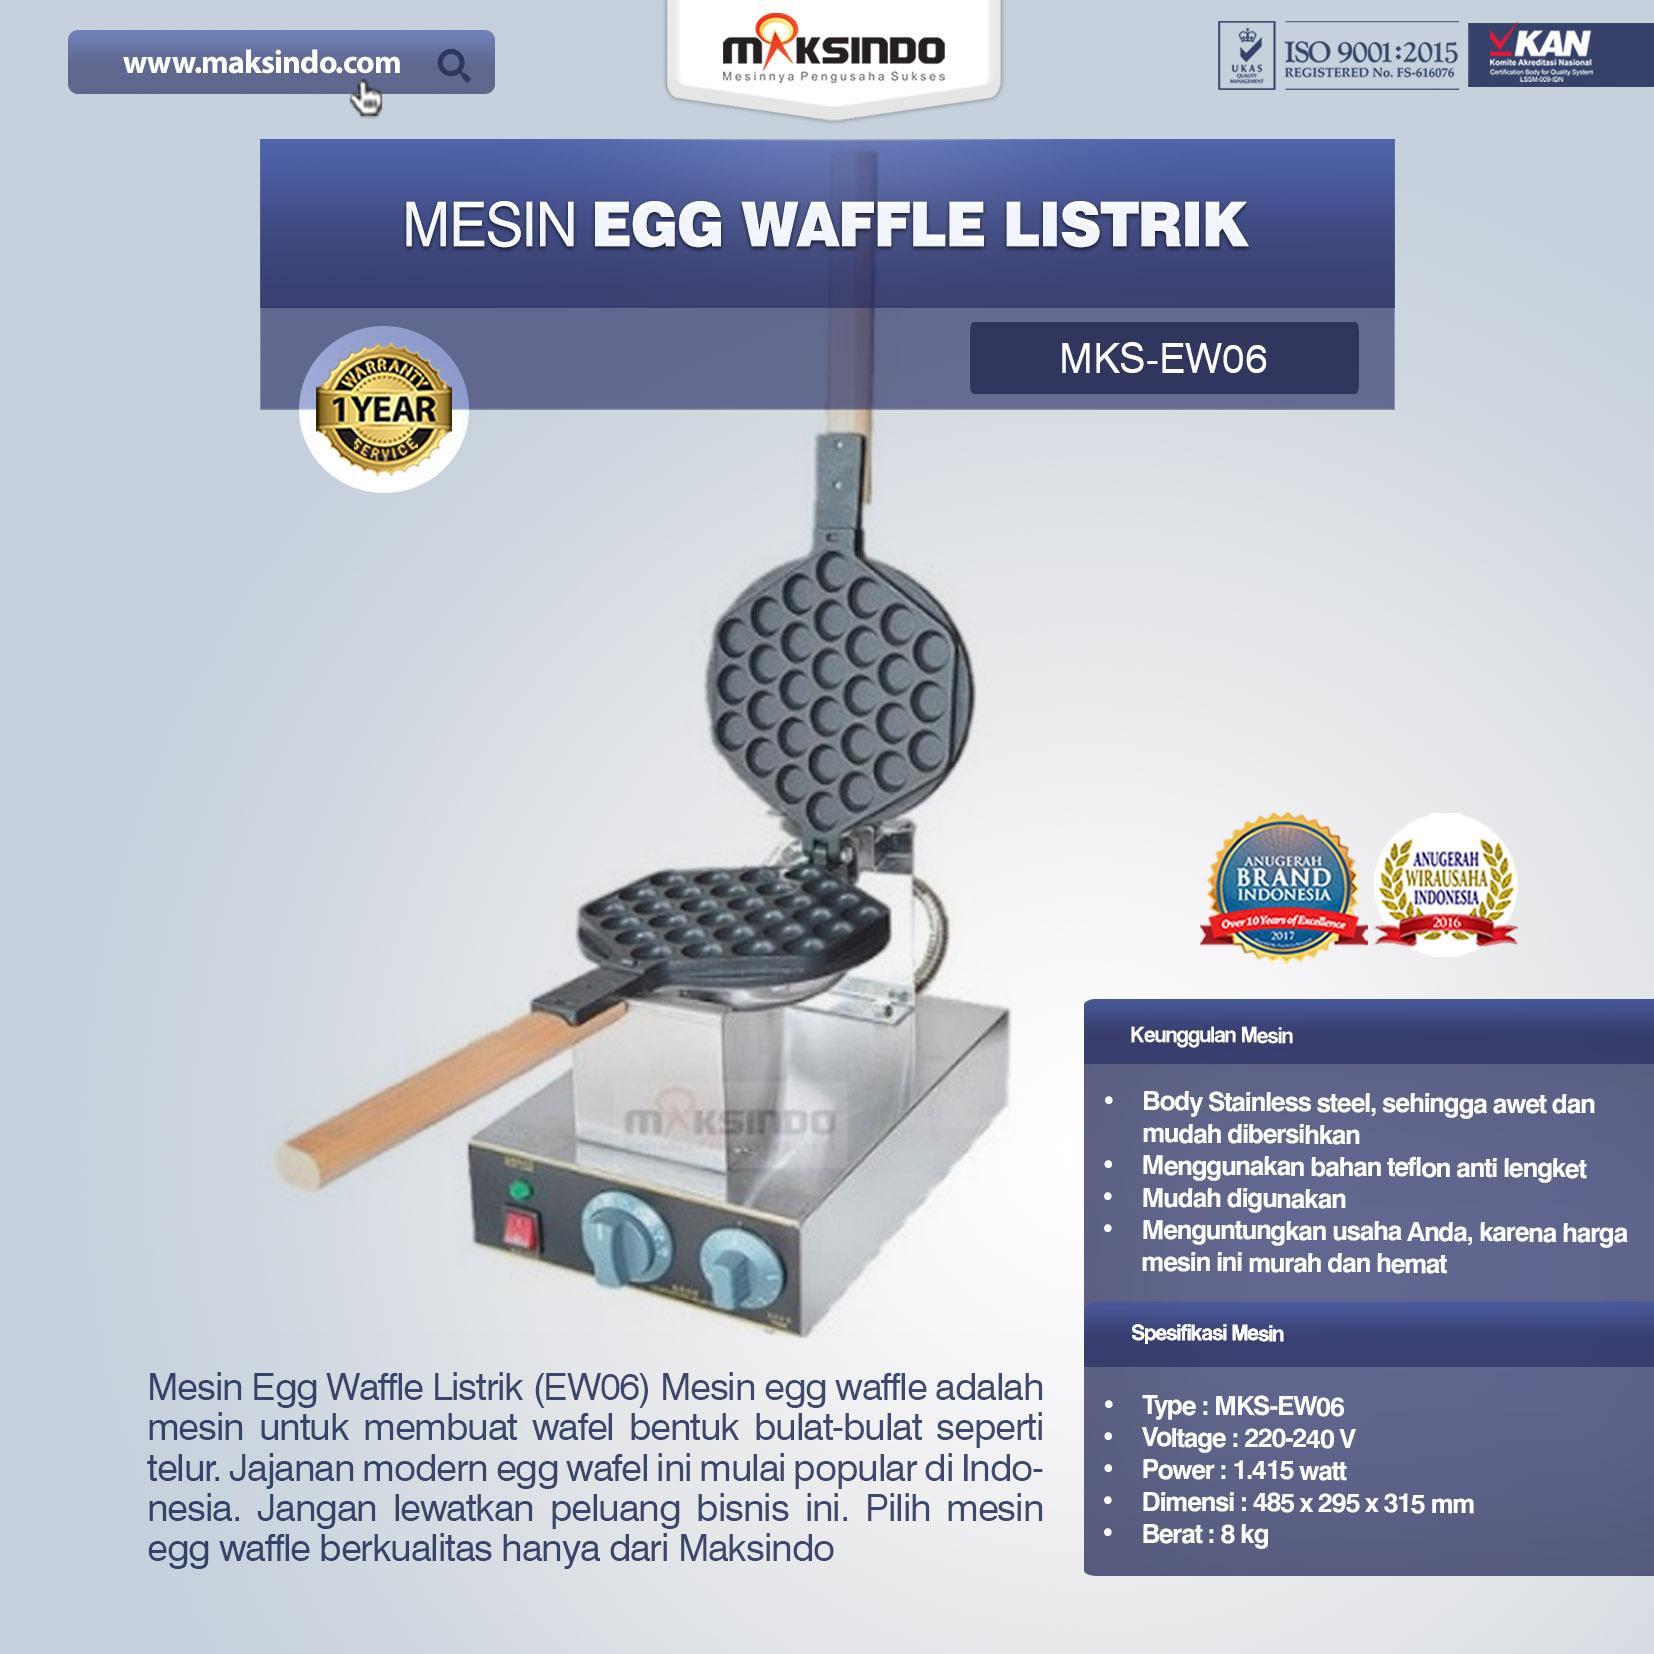 Jual Mesin Egg Waffle Listrik (EW06) di Bekasi